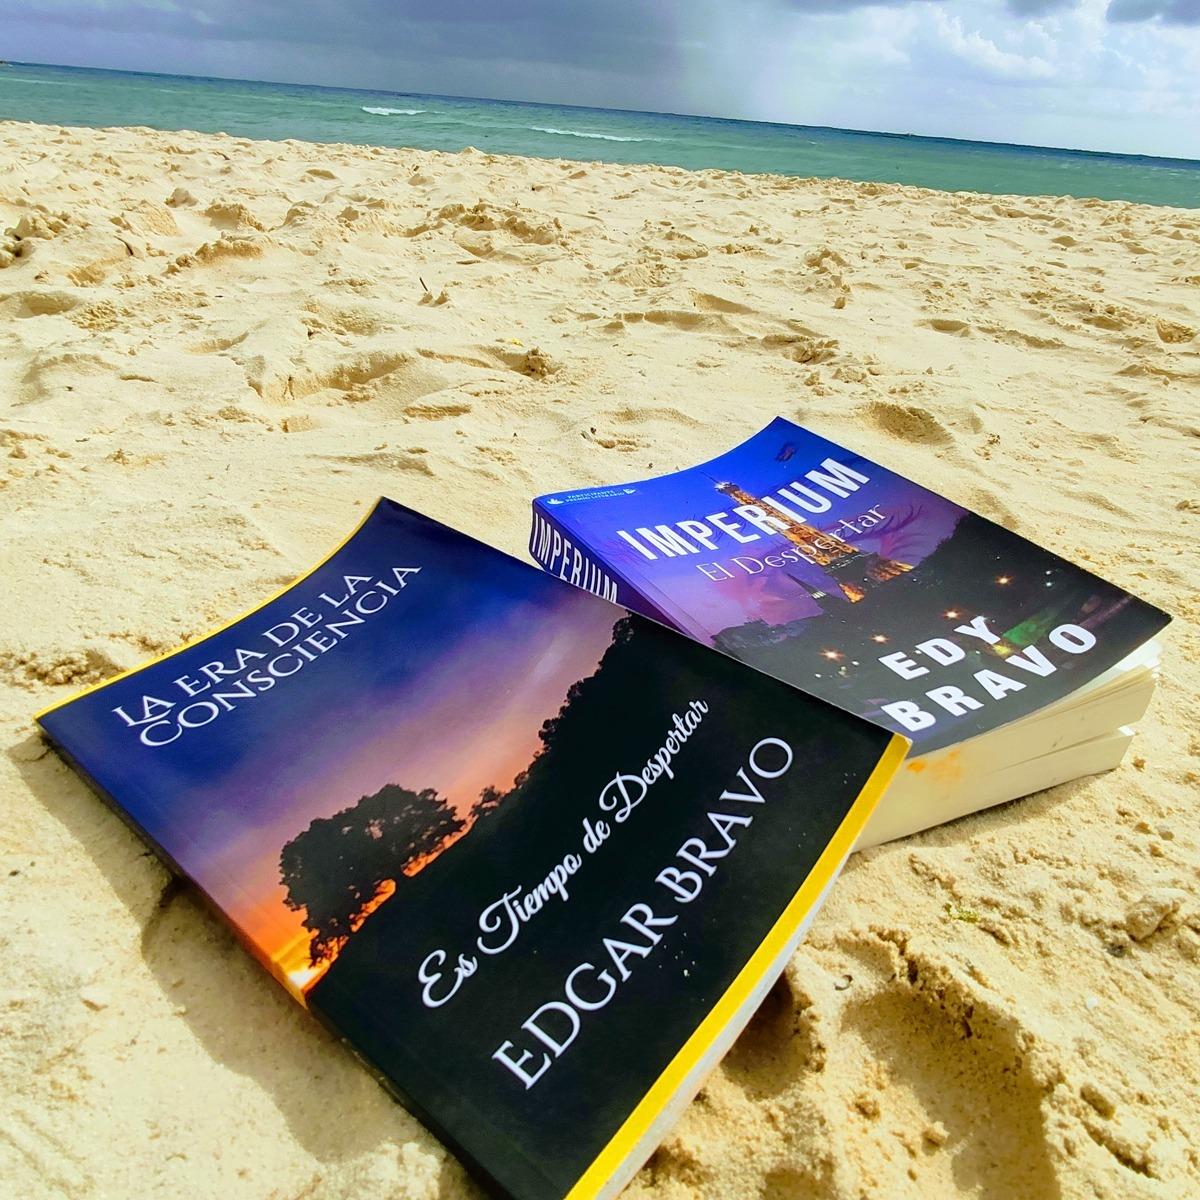 libros escritos por el autor Edy Bravo